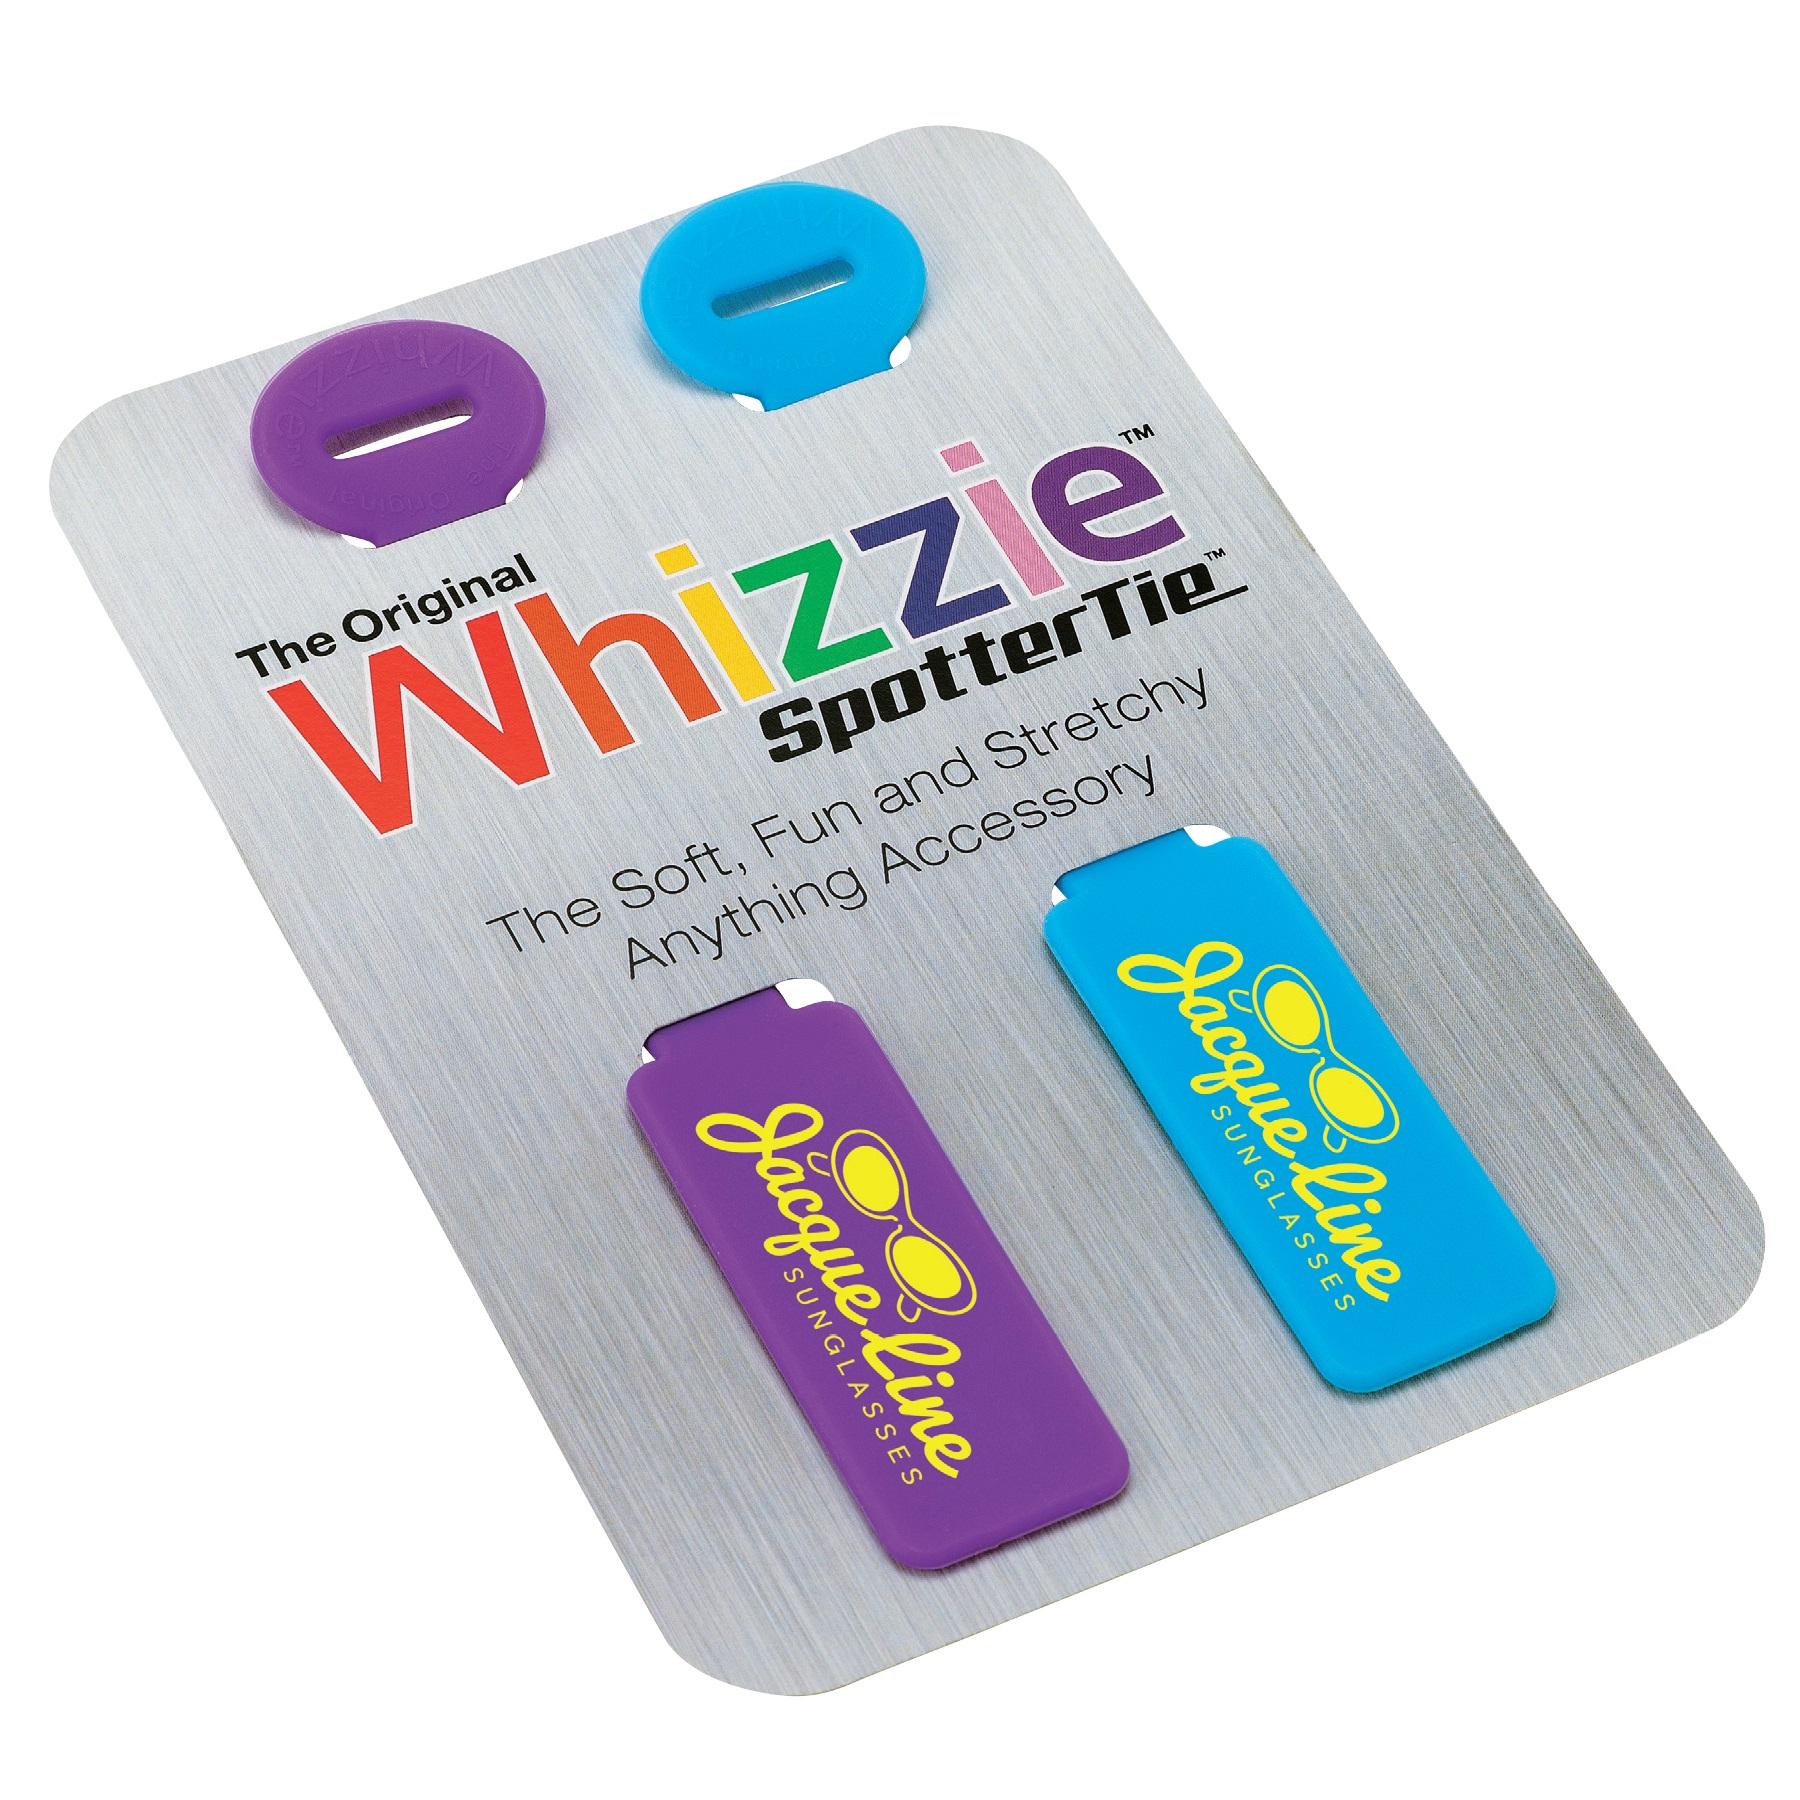 2 Pc Max Whizzie™ SpotterTie™ Set